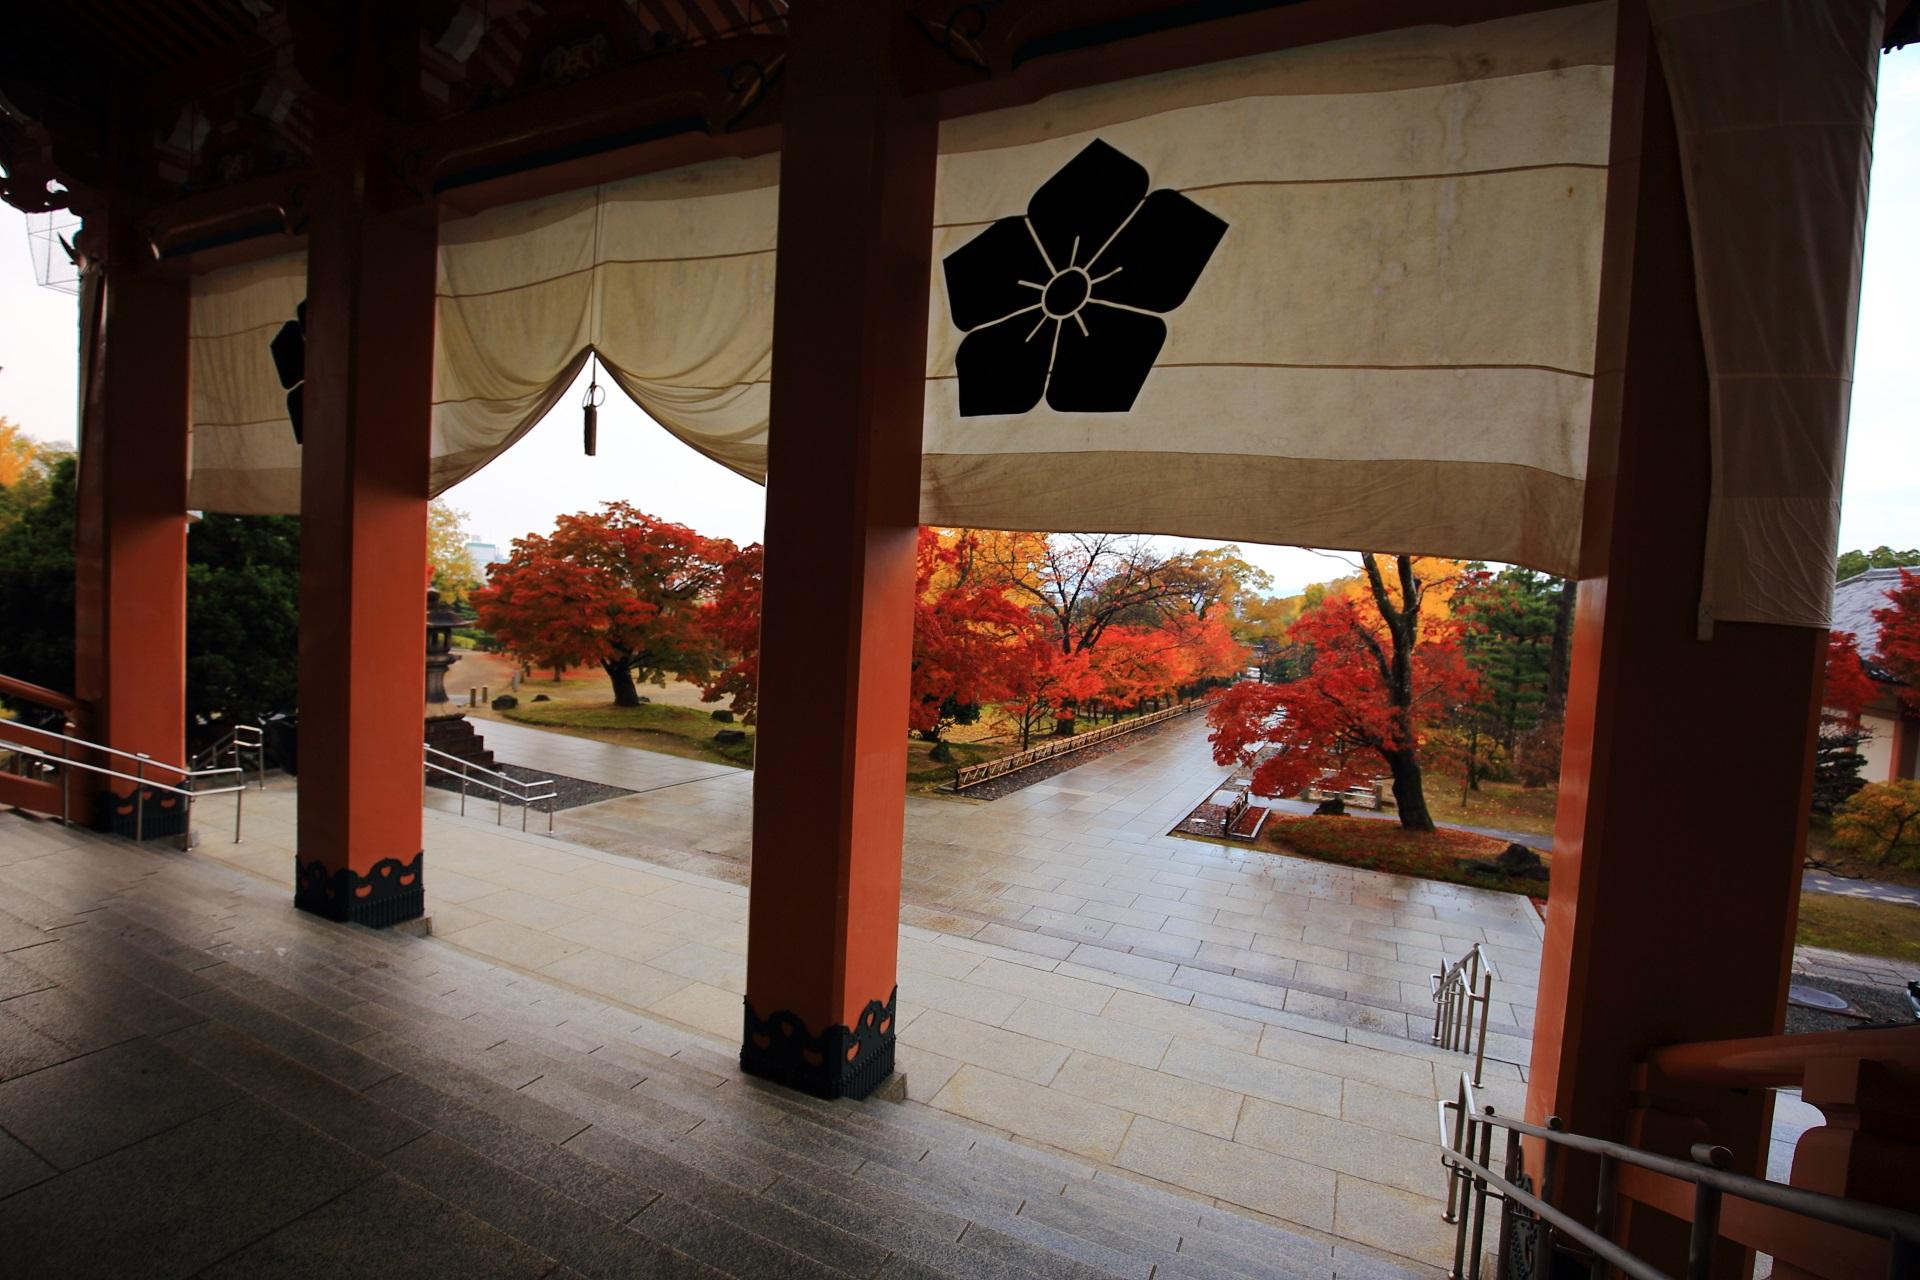 智積院の金堂から眺めた色とりどりの秋色に染まる雨で濡れた紅葉の参道